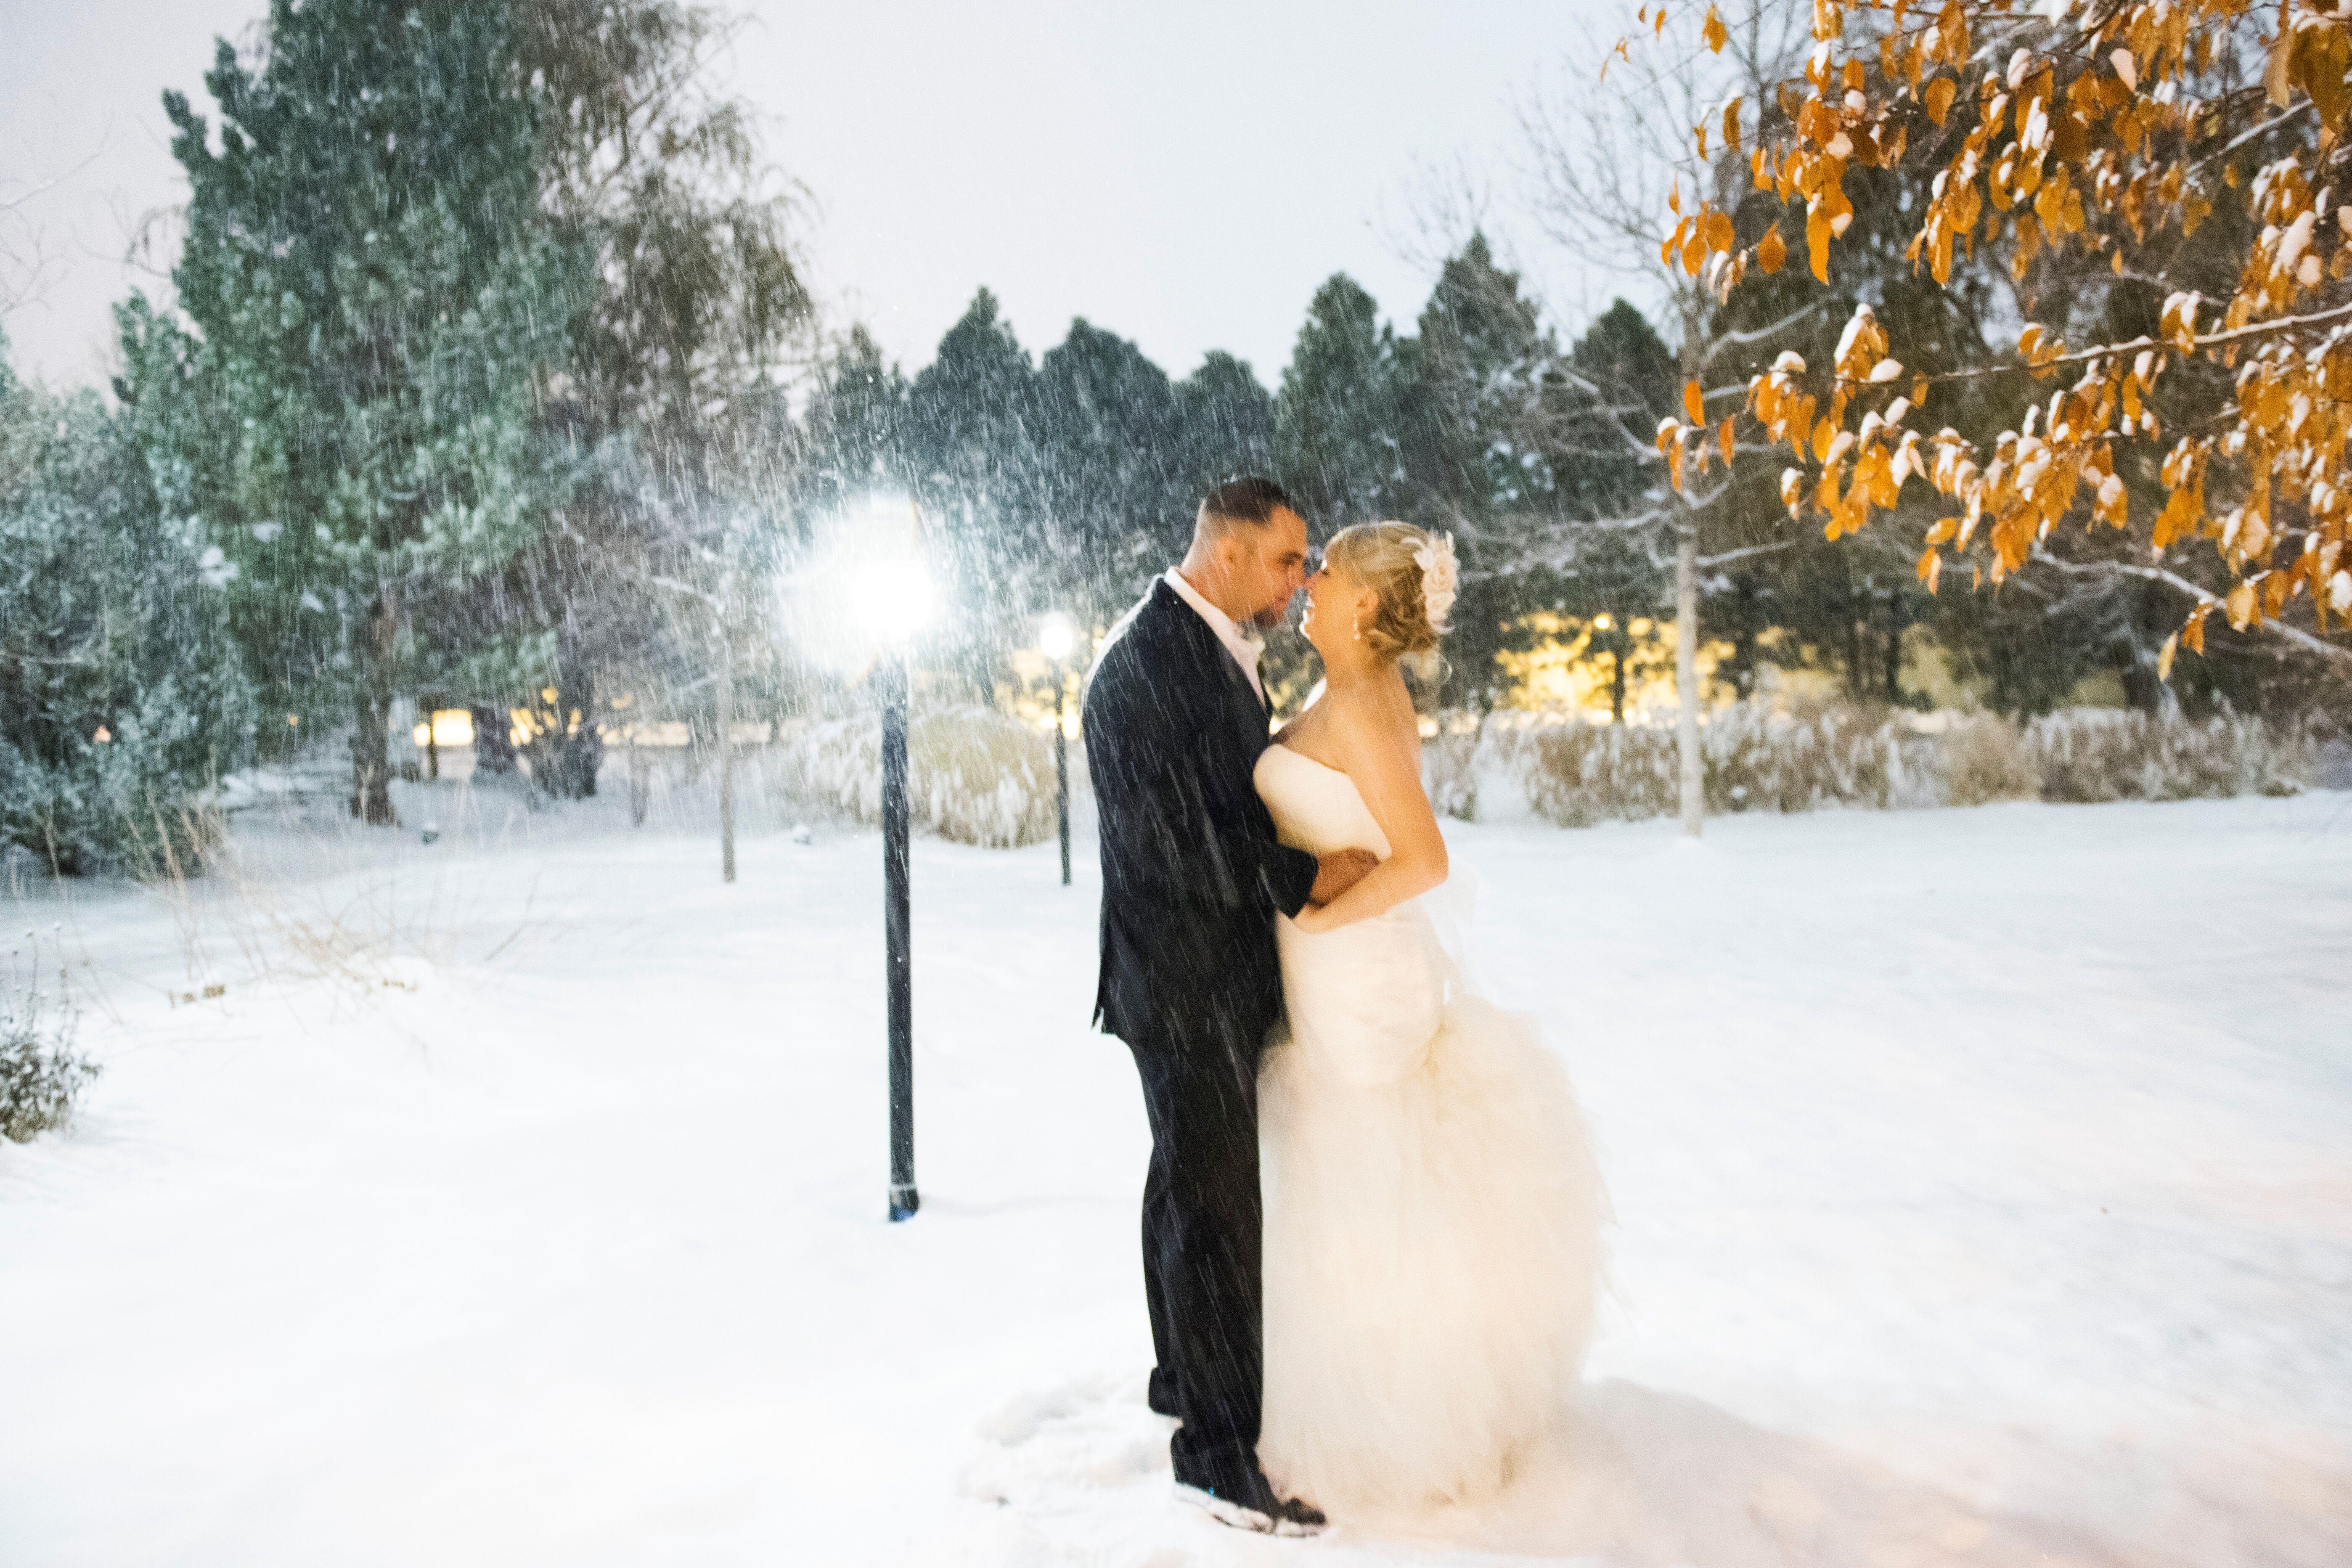 A Glamorous Winter Wedding At The Terrace Gardens Event Center In Centennial Colorado